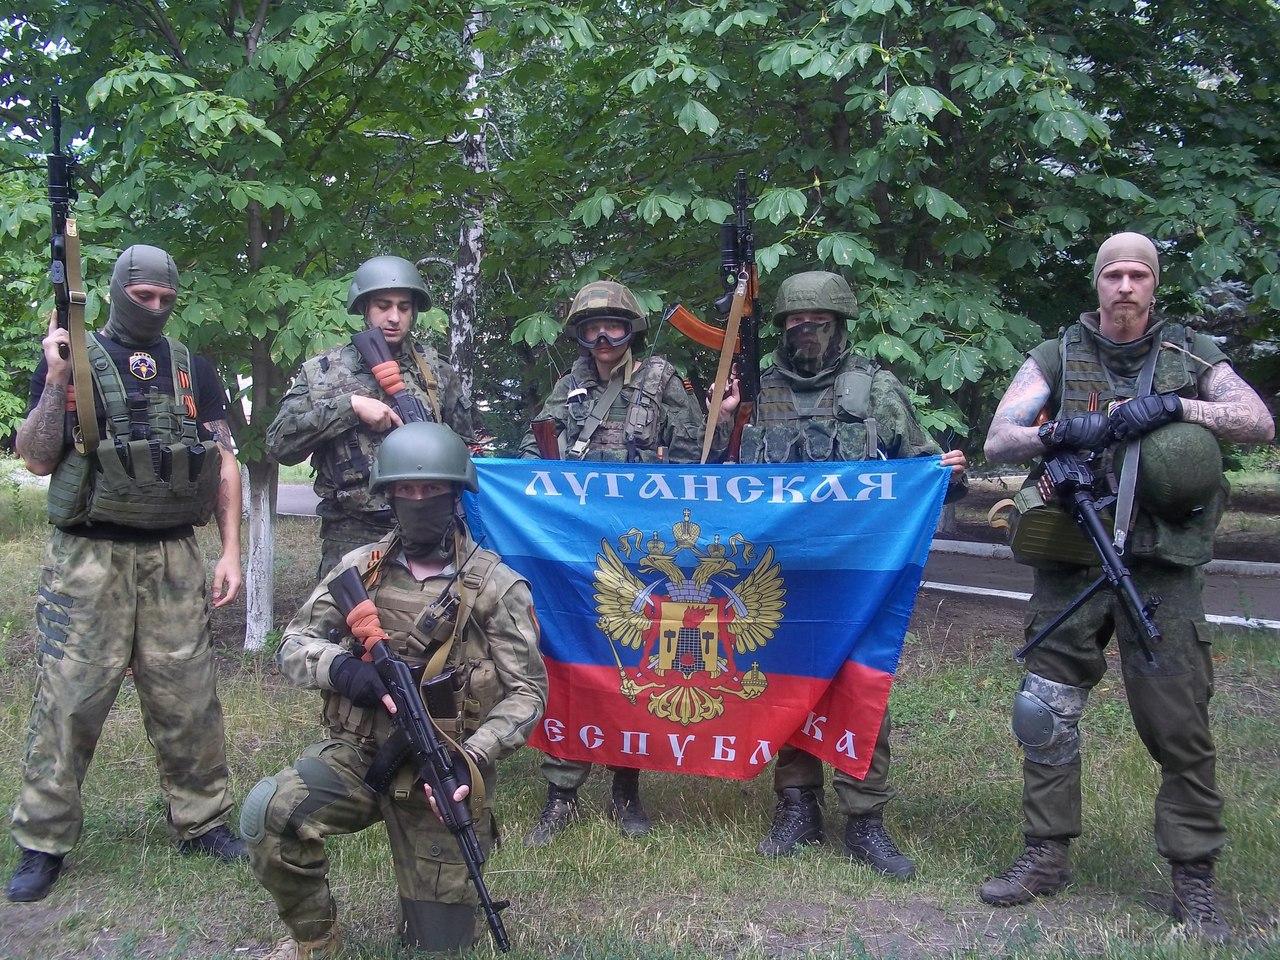 Украинский бизнесмен готов заплатить 200 000 долларов за голову российского десантника-садиста Грицюка - Цензор.НЕТ 9985